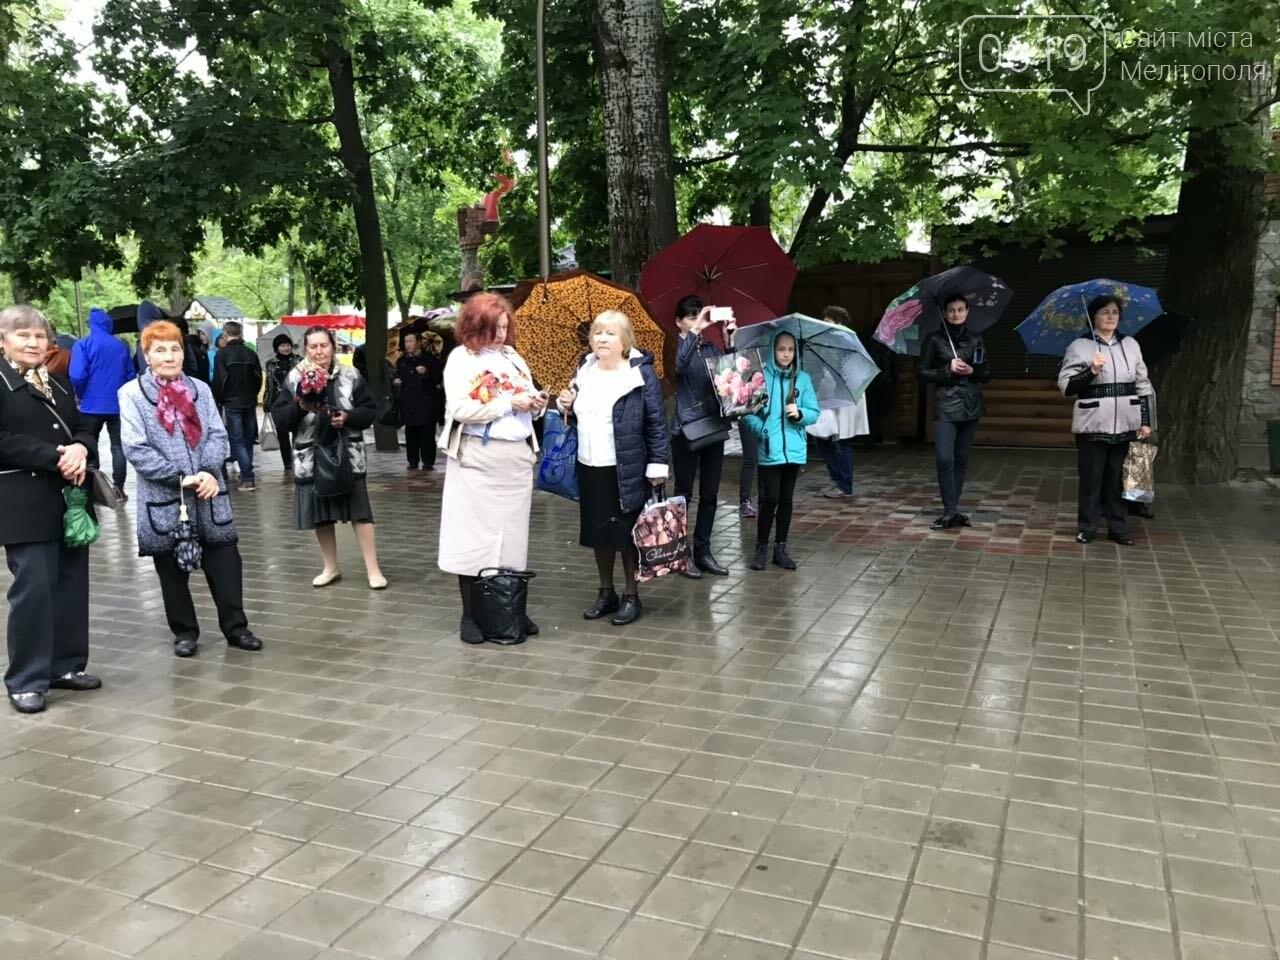 Мелитопольцы продолжают праздновать День Победы в городском парке, фото-3